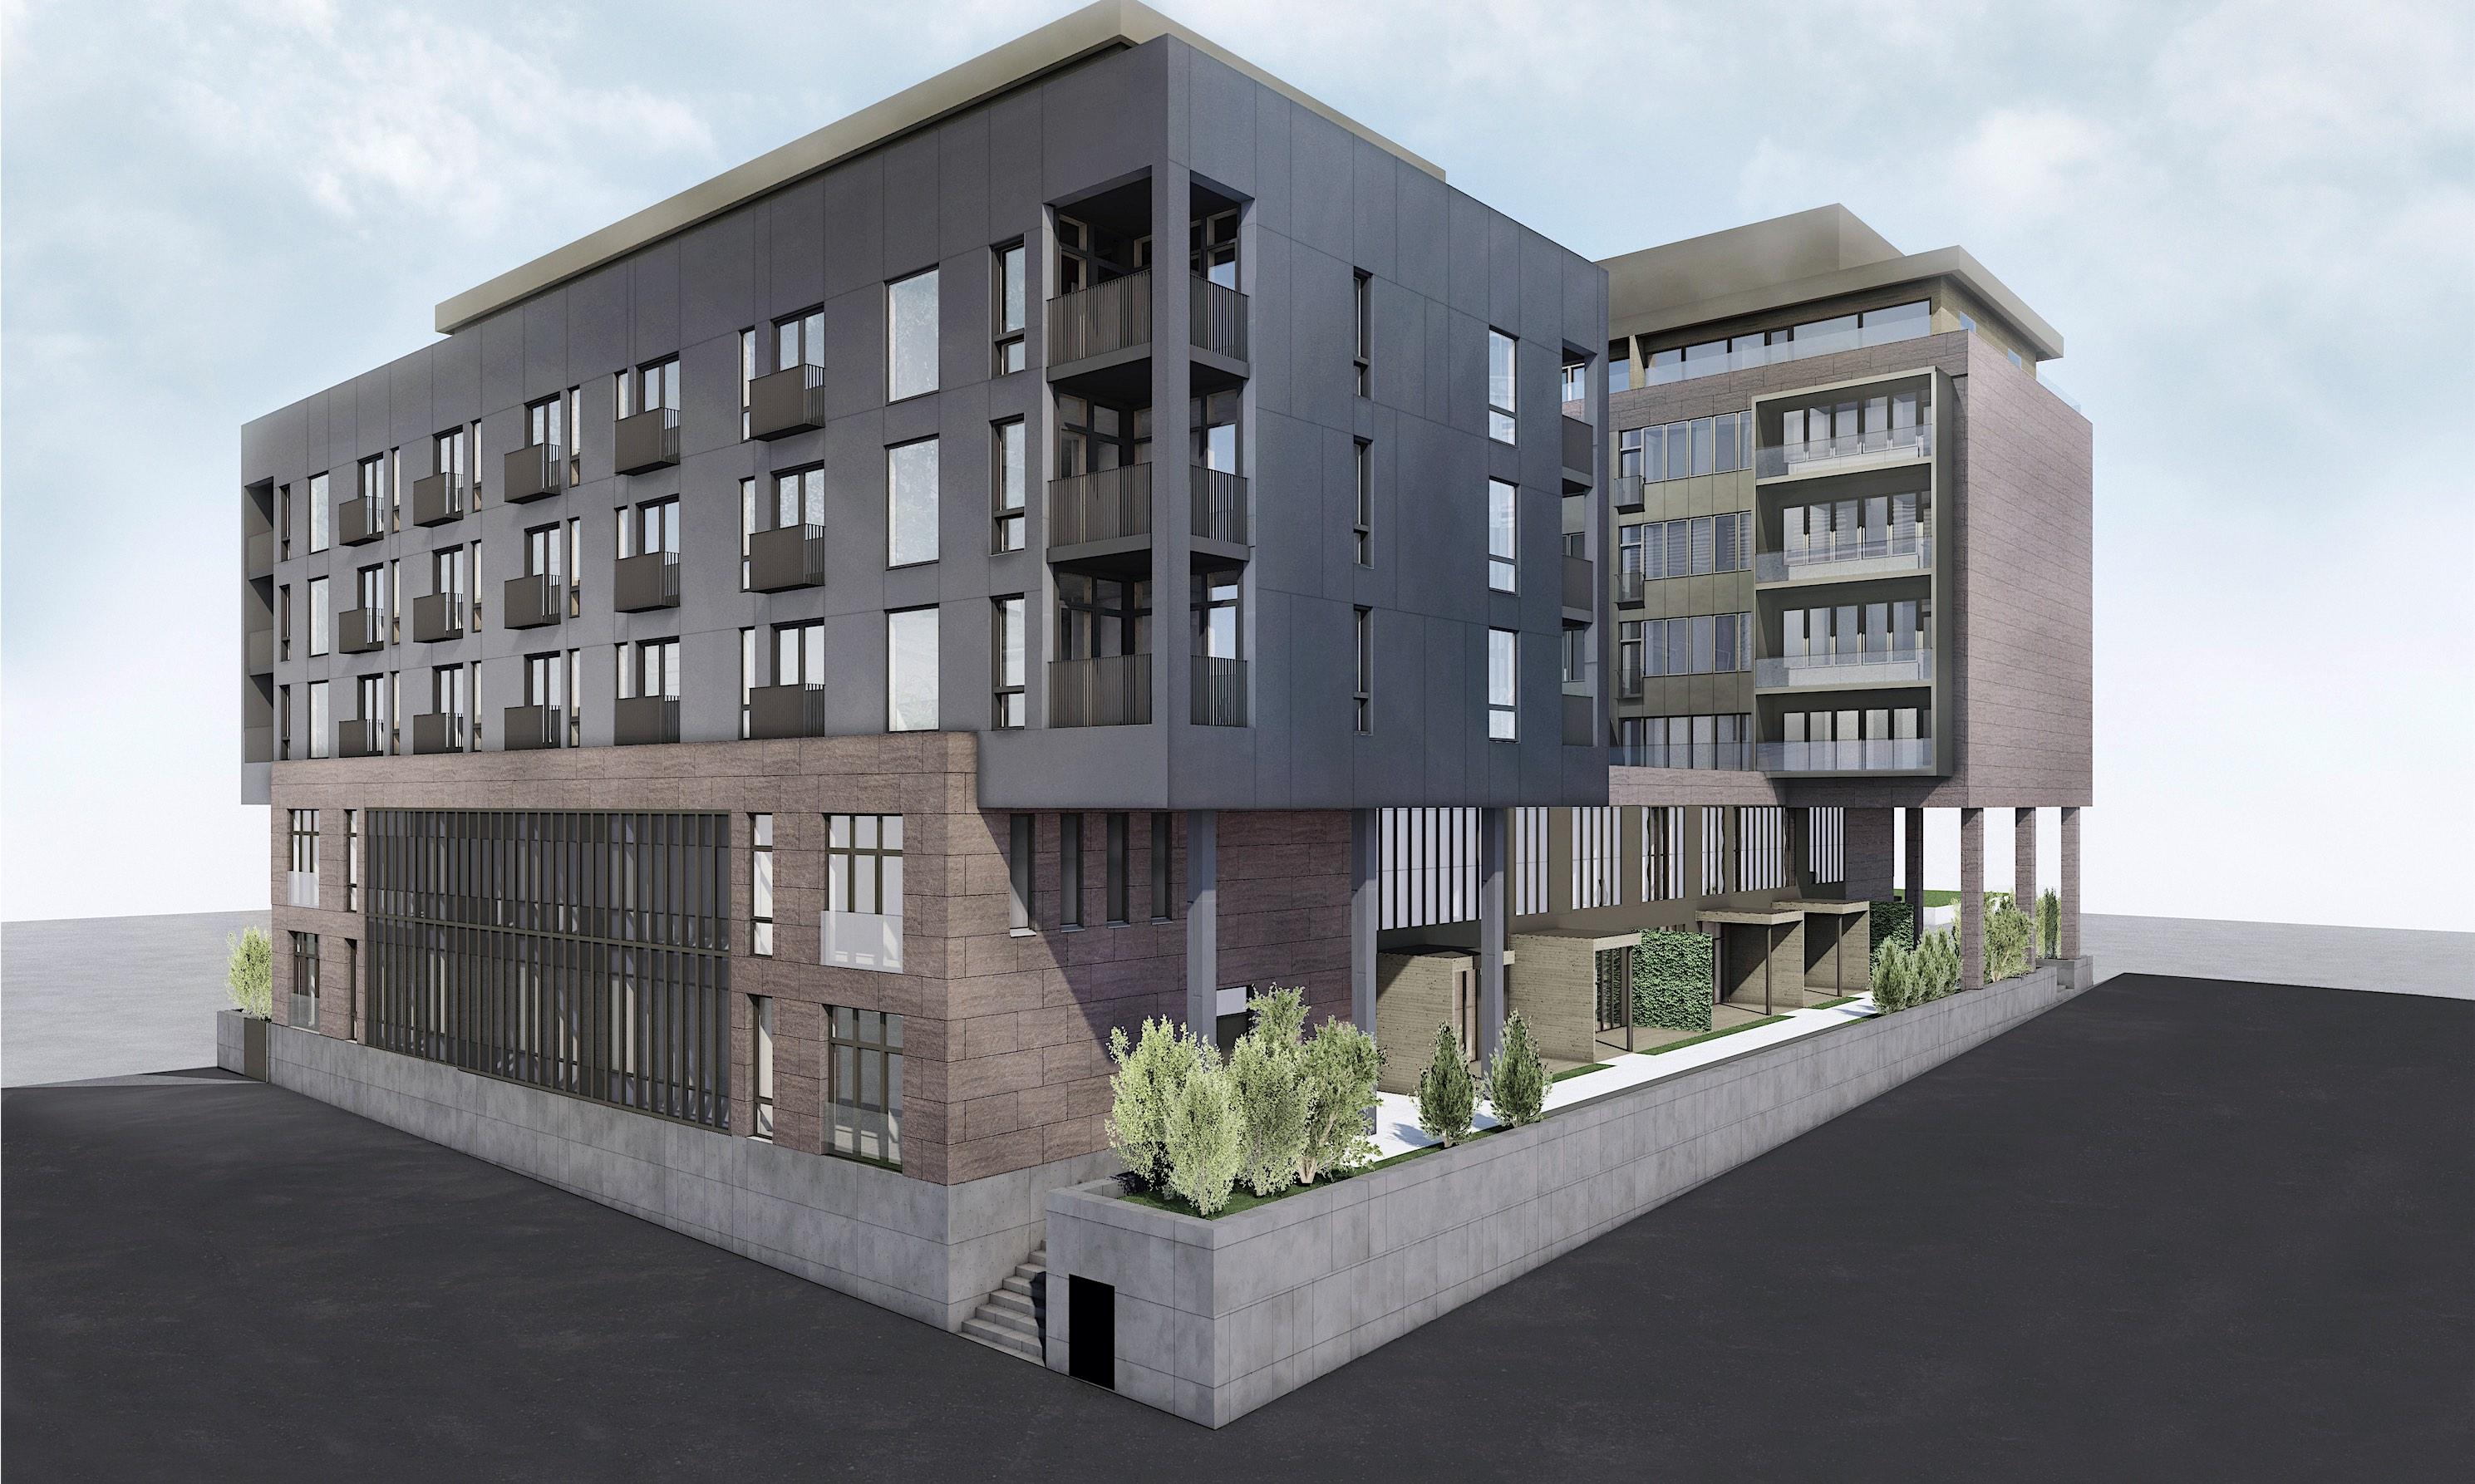 Historiallinen pankkirakennus Kuopion ytimessä muuttuu asunnoiksi Avaran ja Lehdon yhteistyöllä